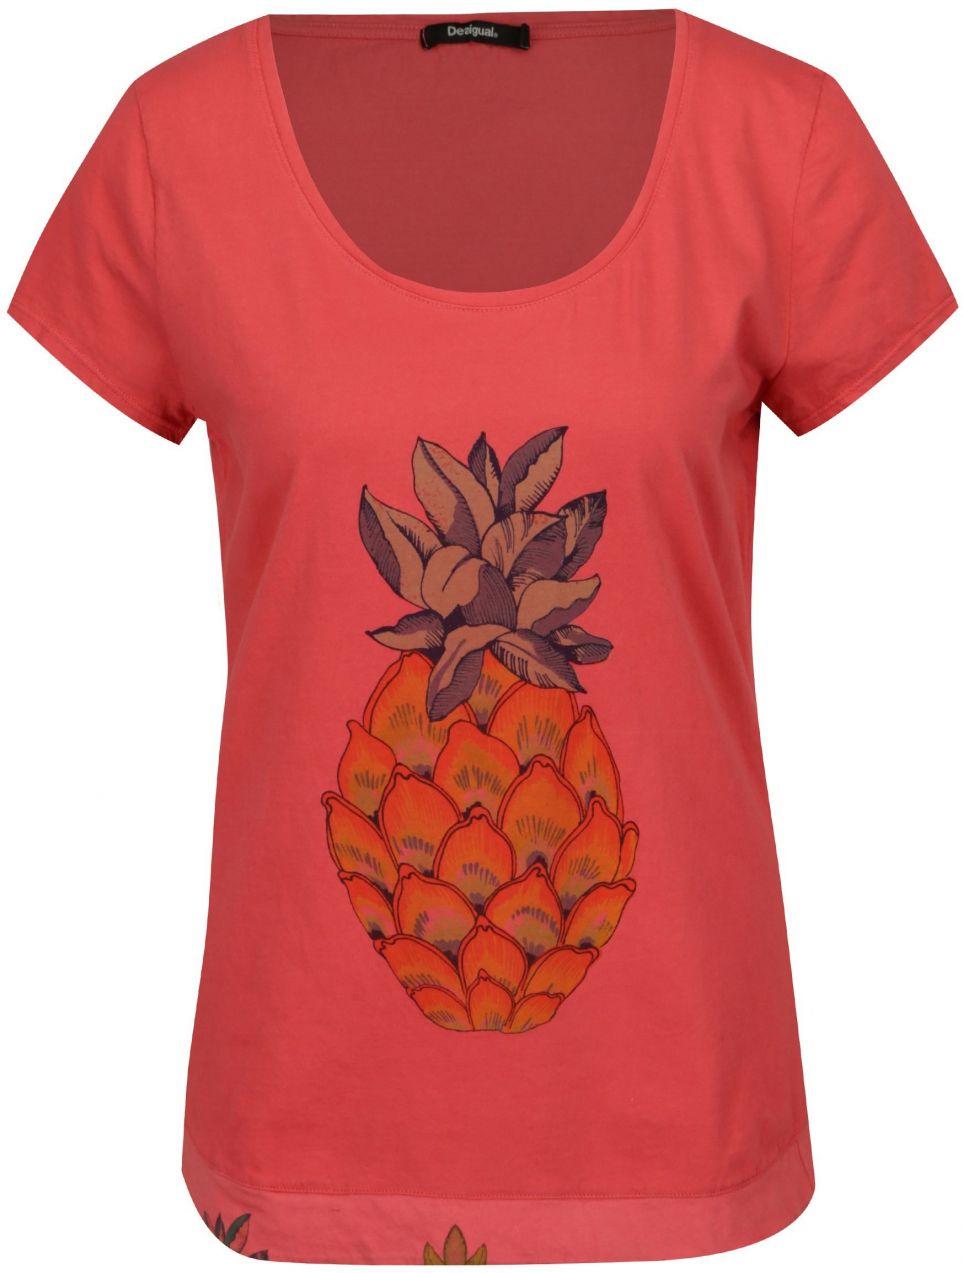 dfbcf5b59b57 Ružové tričko s krátkym rukávom Desigual Rachell značky Desigual ...